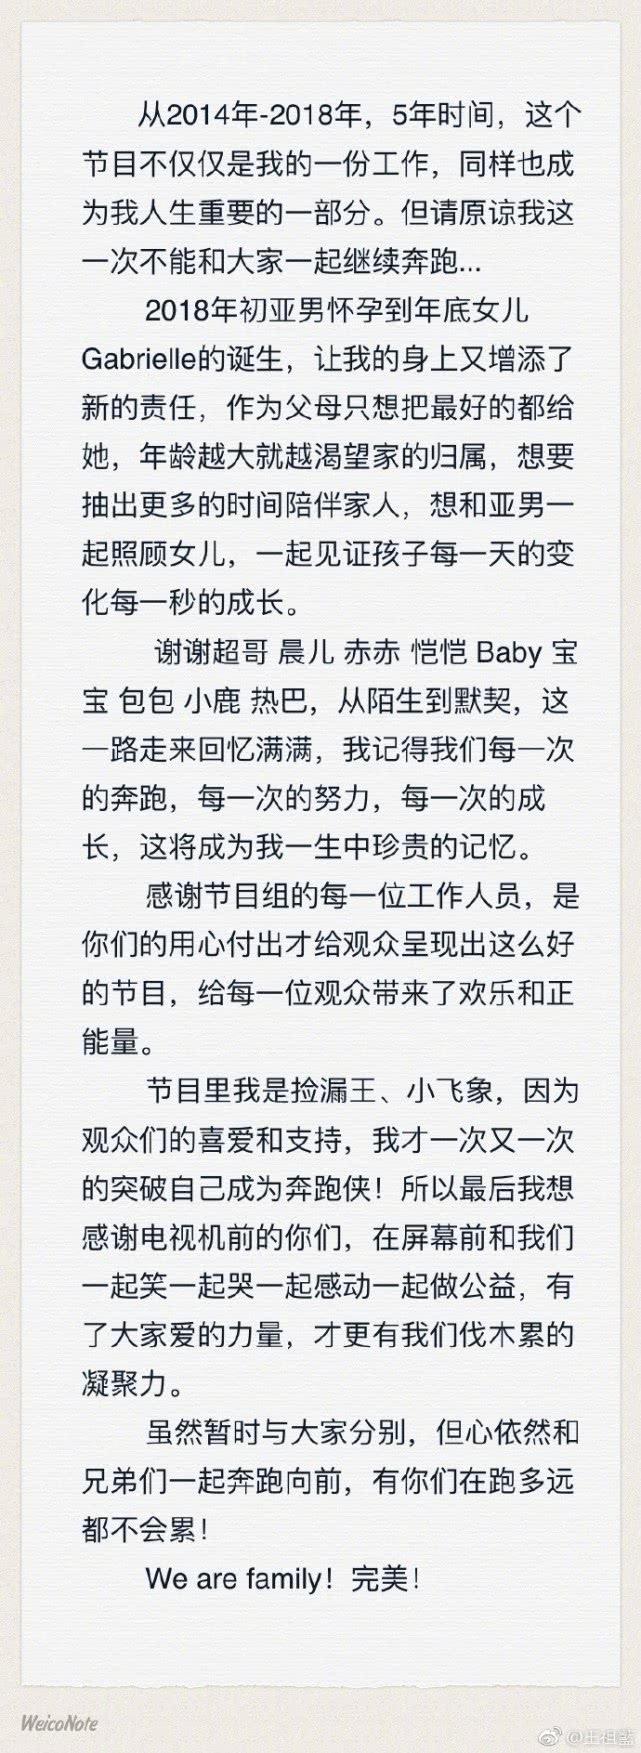 邓超发文曝退出跑男原因,郑恺煽情喊话离队老成员